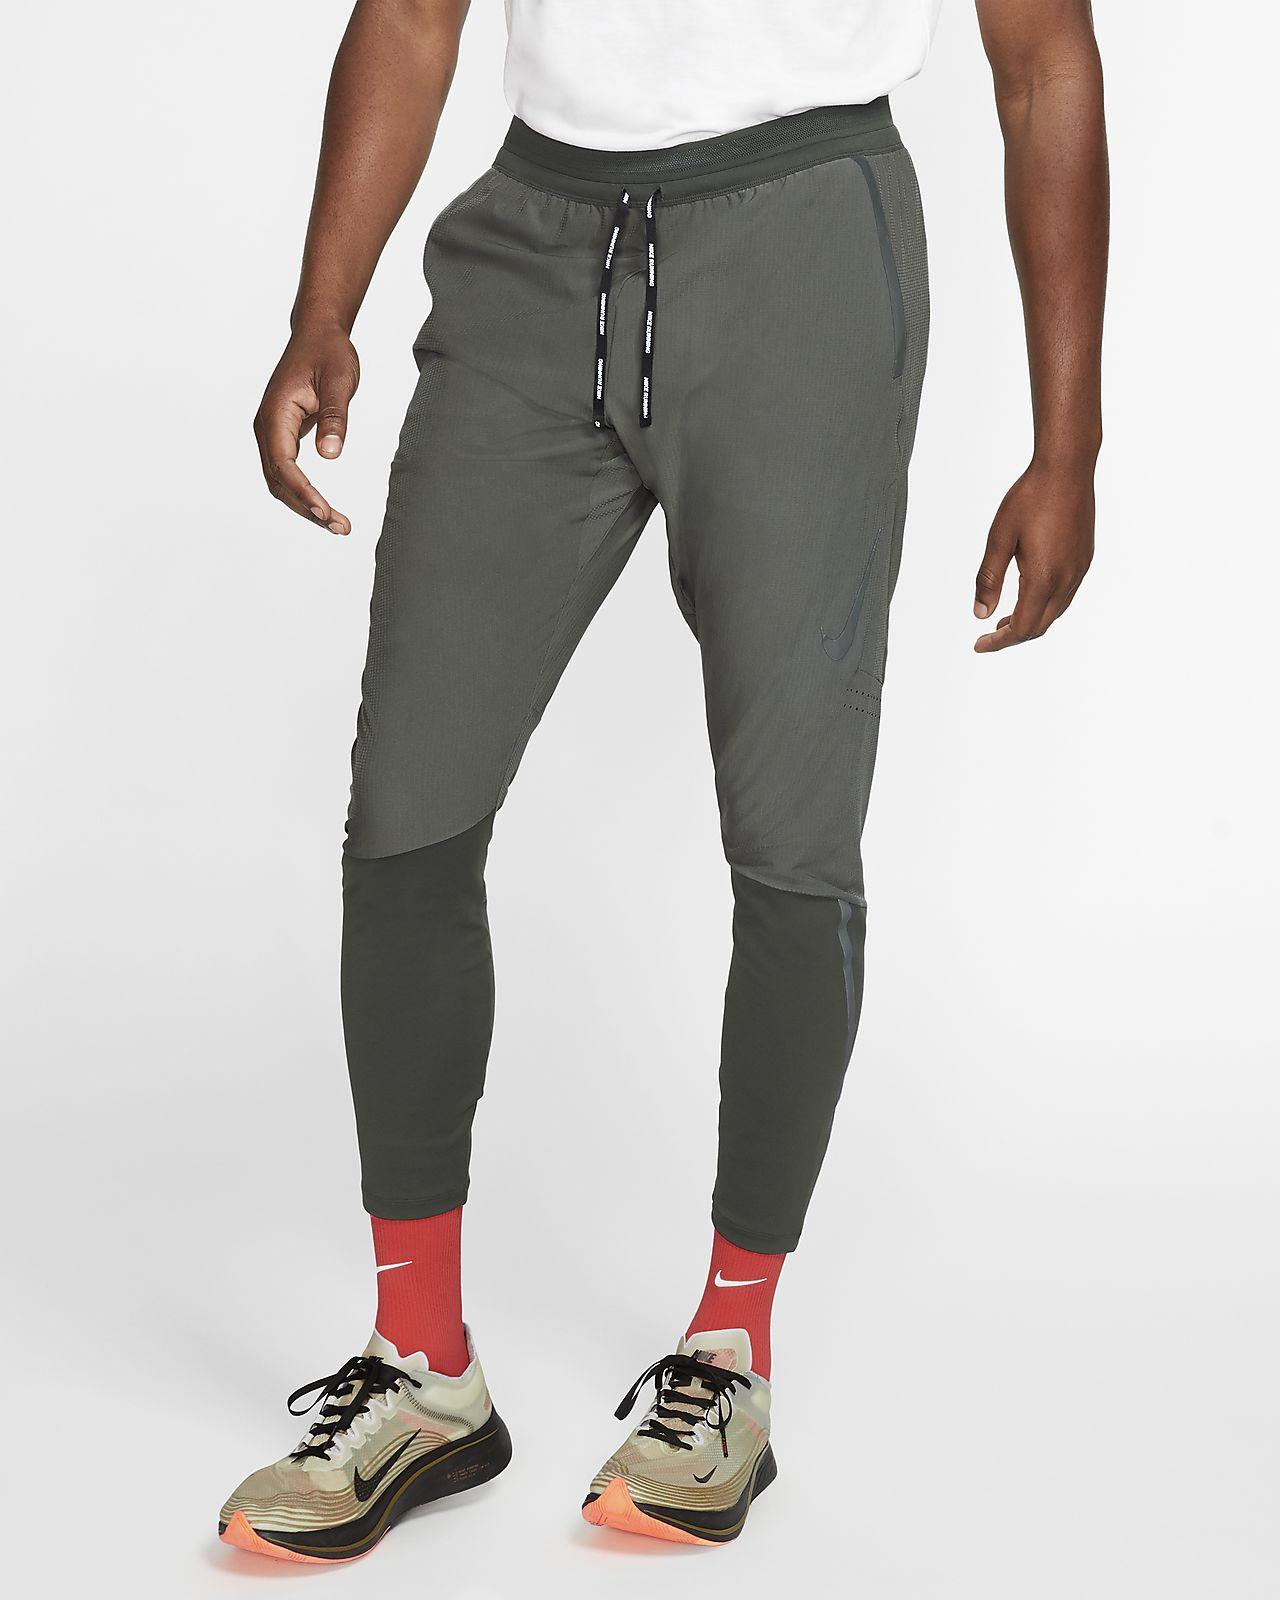 Moderner Herren Nike Running 7 Laufhosen,Herren